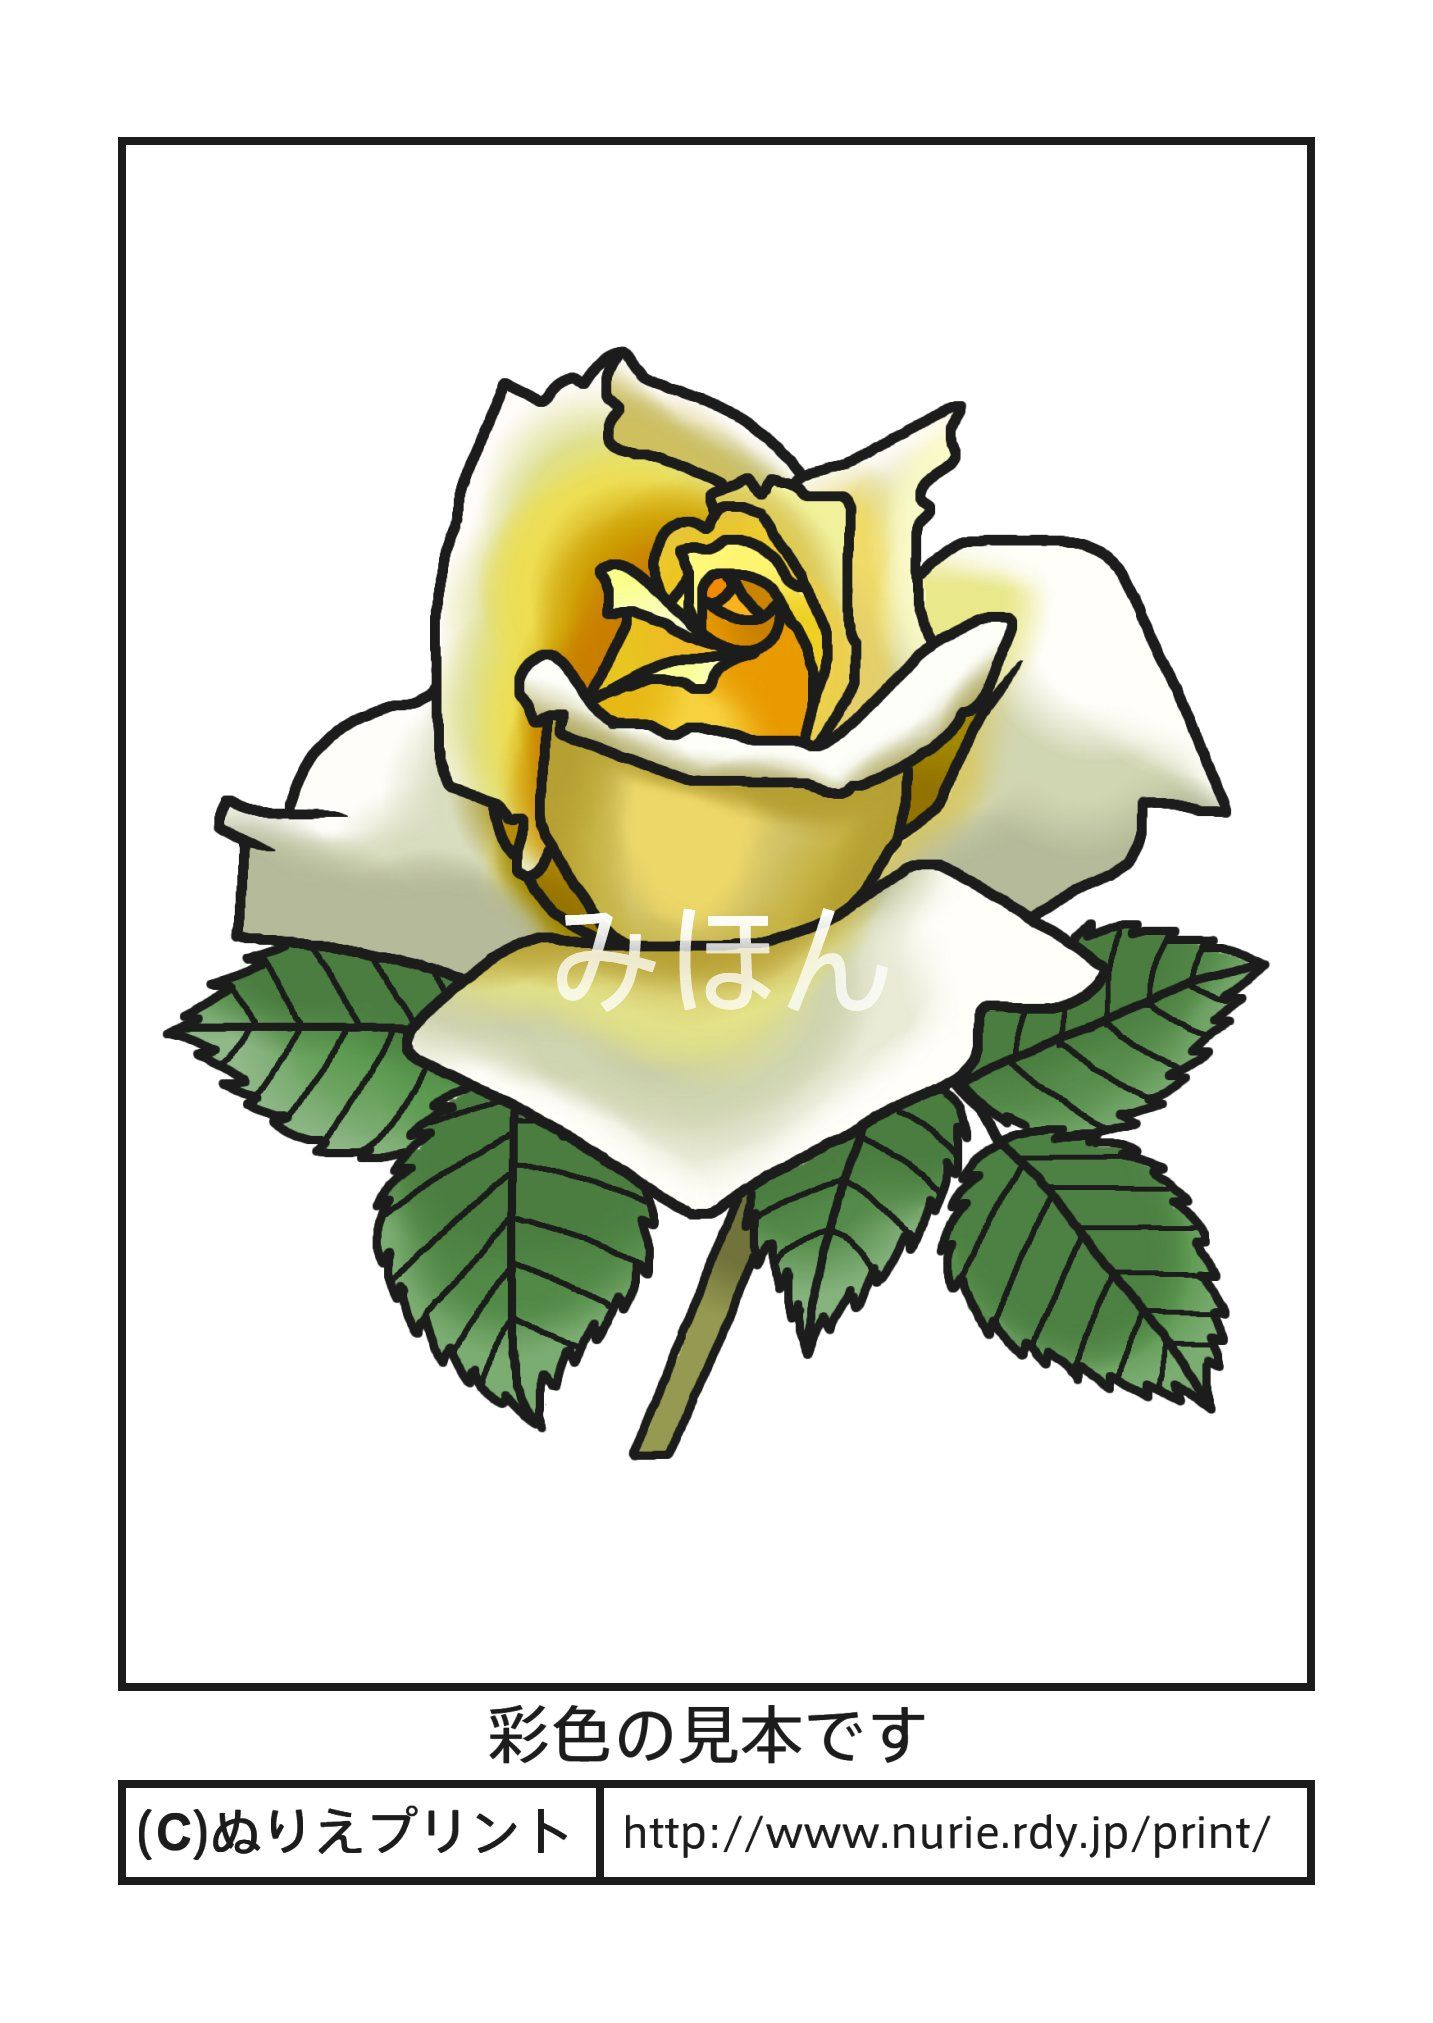 バラ6(彩色見本)/花の塗り絵/無料イラスト【ぬりえプリント】   a design